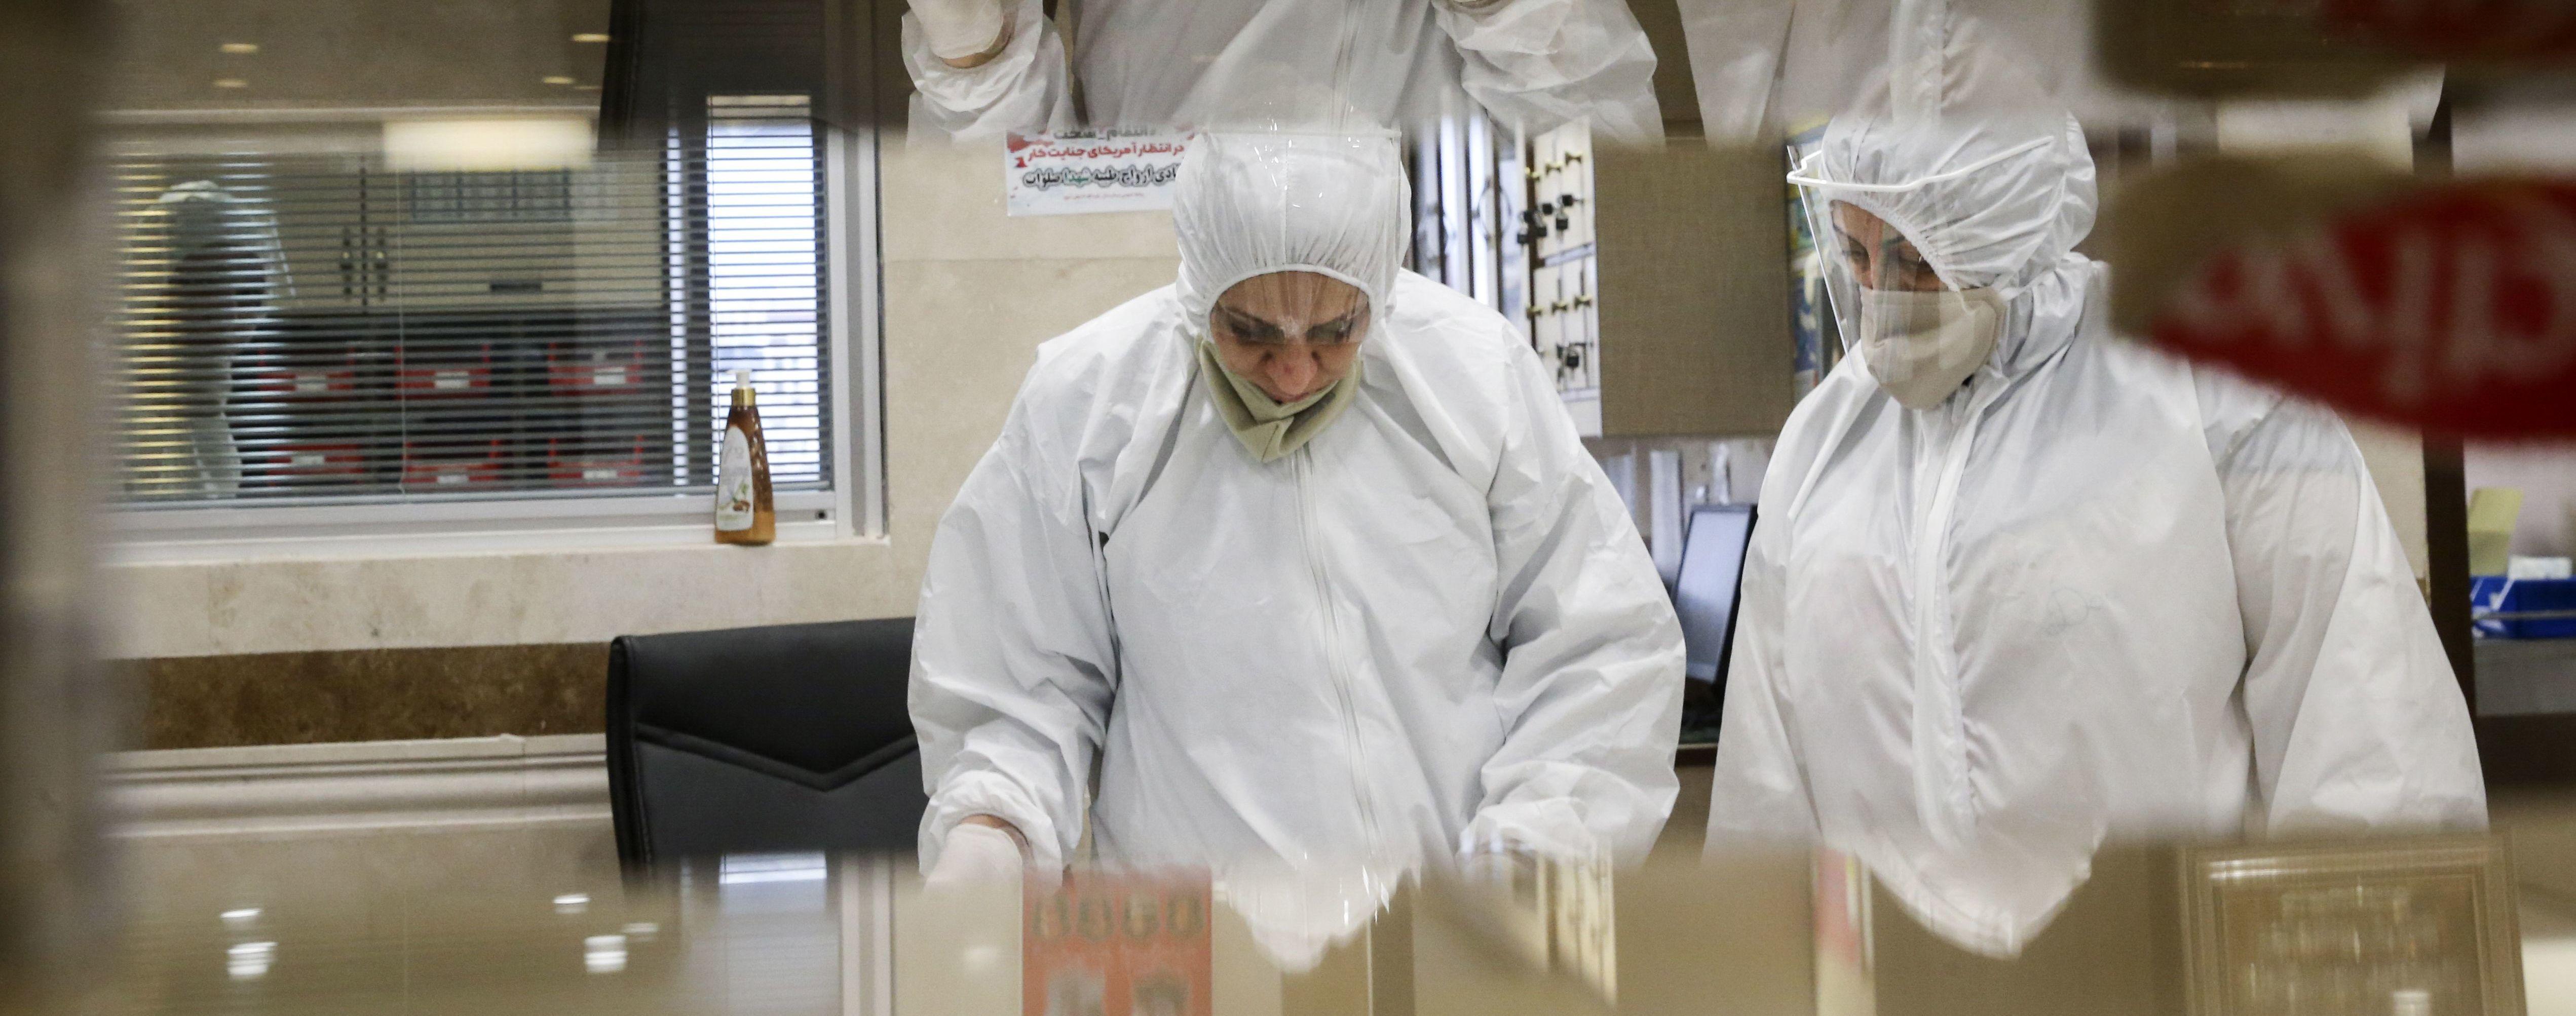 МОЗ повідомило кількість інфікованих коронавірусом в Україні станом на ранок 5 травня